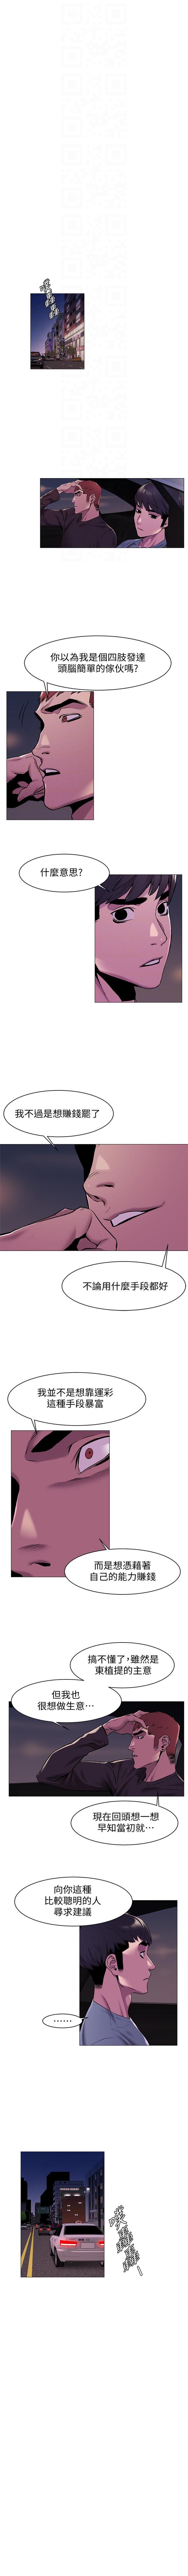 (週5)衝突 1-91 中文翻譯 (更新中) 360